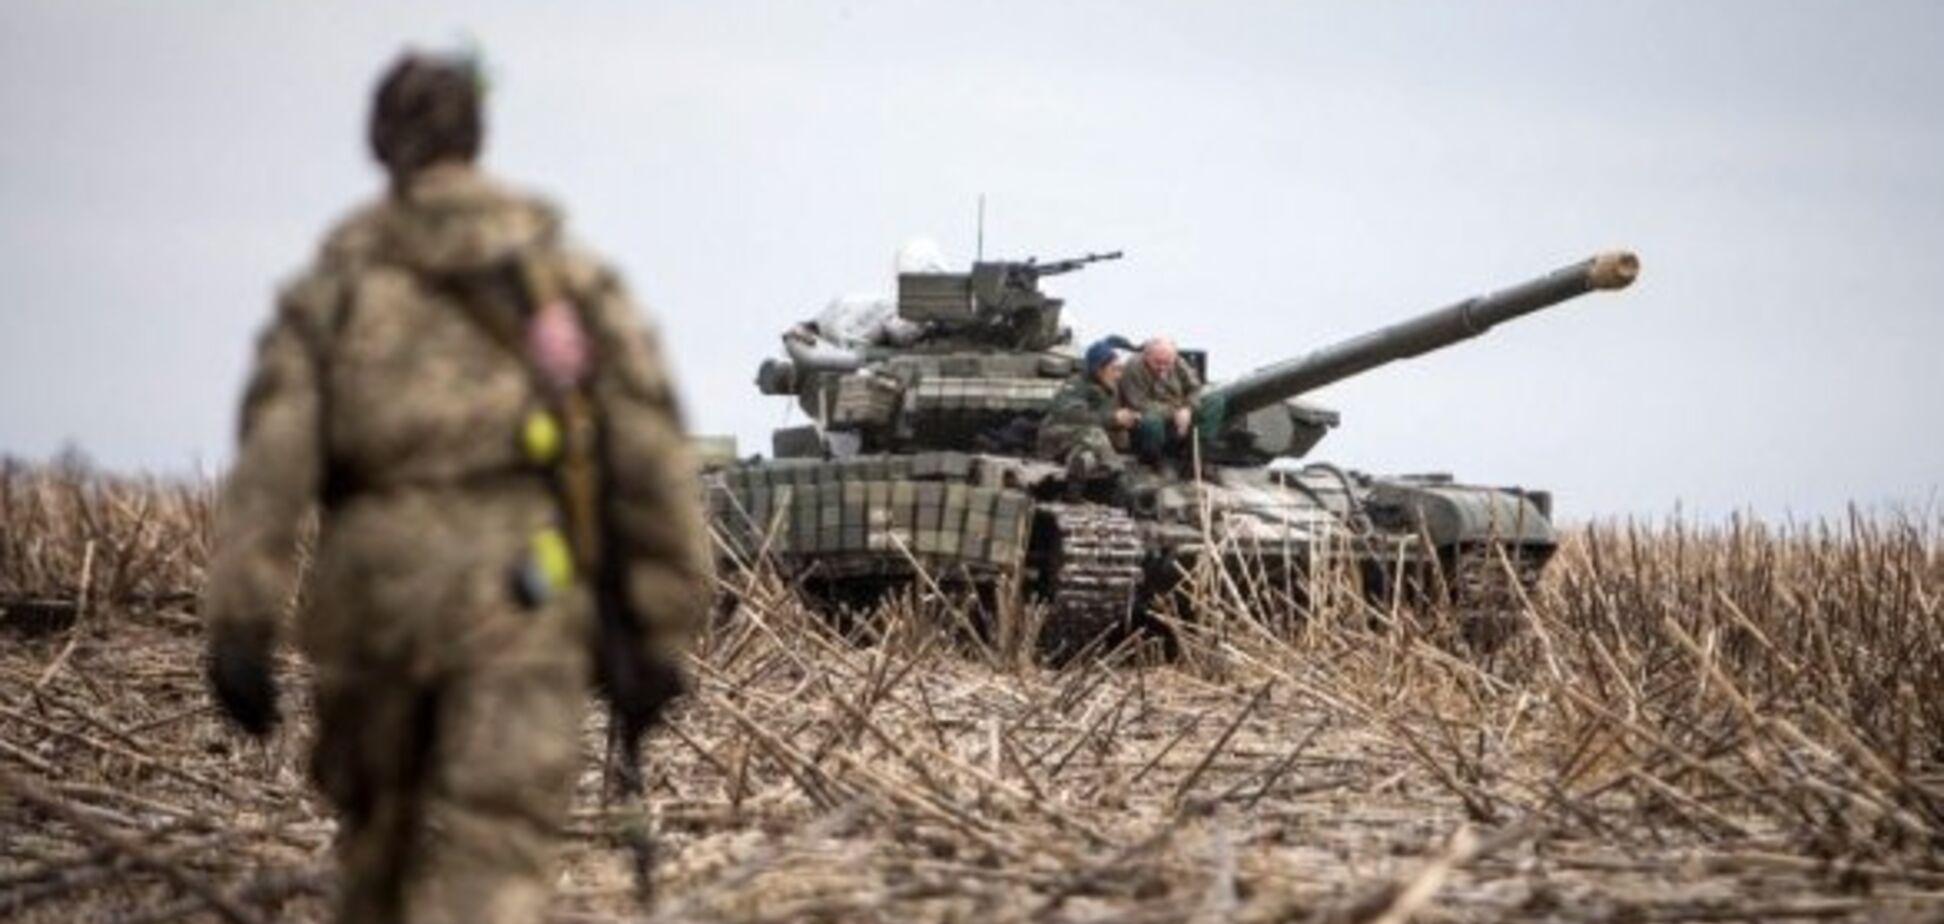 Российские оккупанты обстреляли из гранатометов защитников Украины